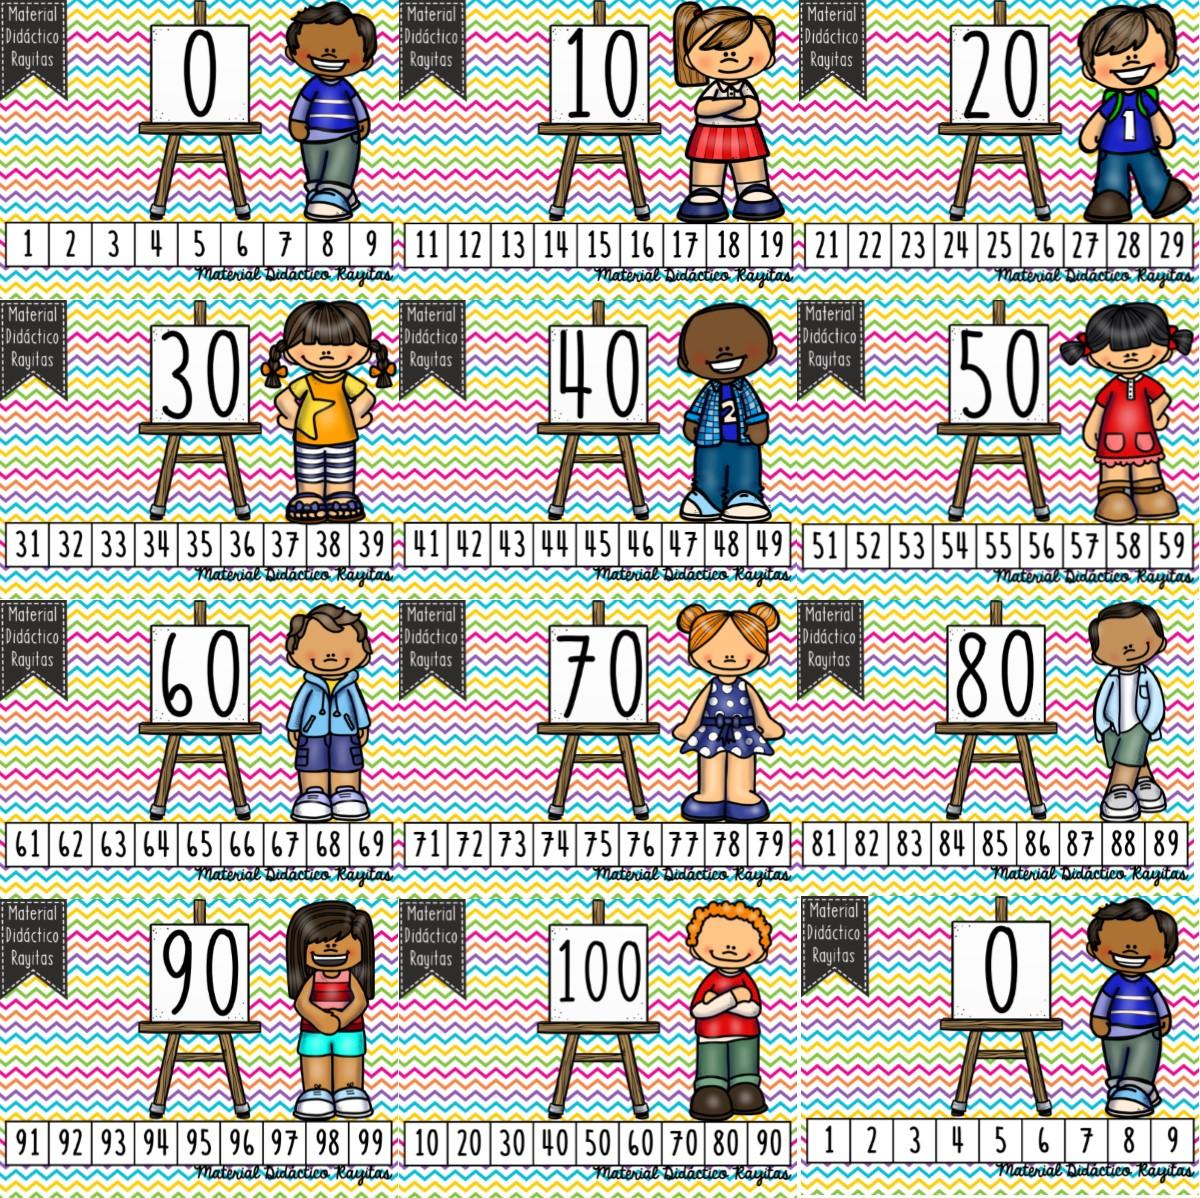 De a 10 de a 10 herramienta de a 10 6